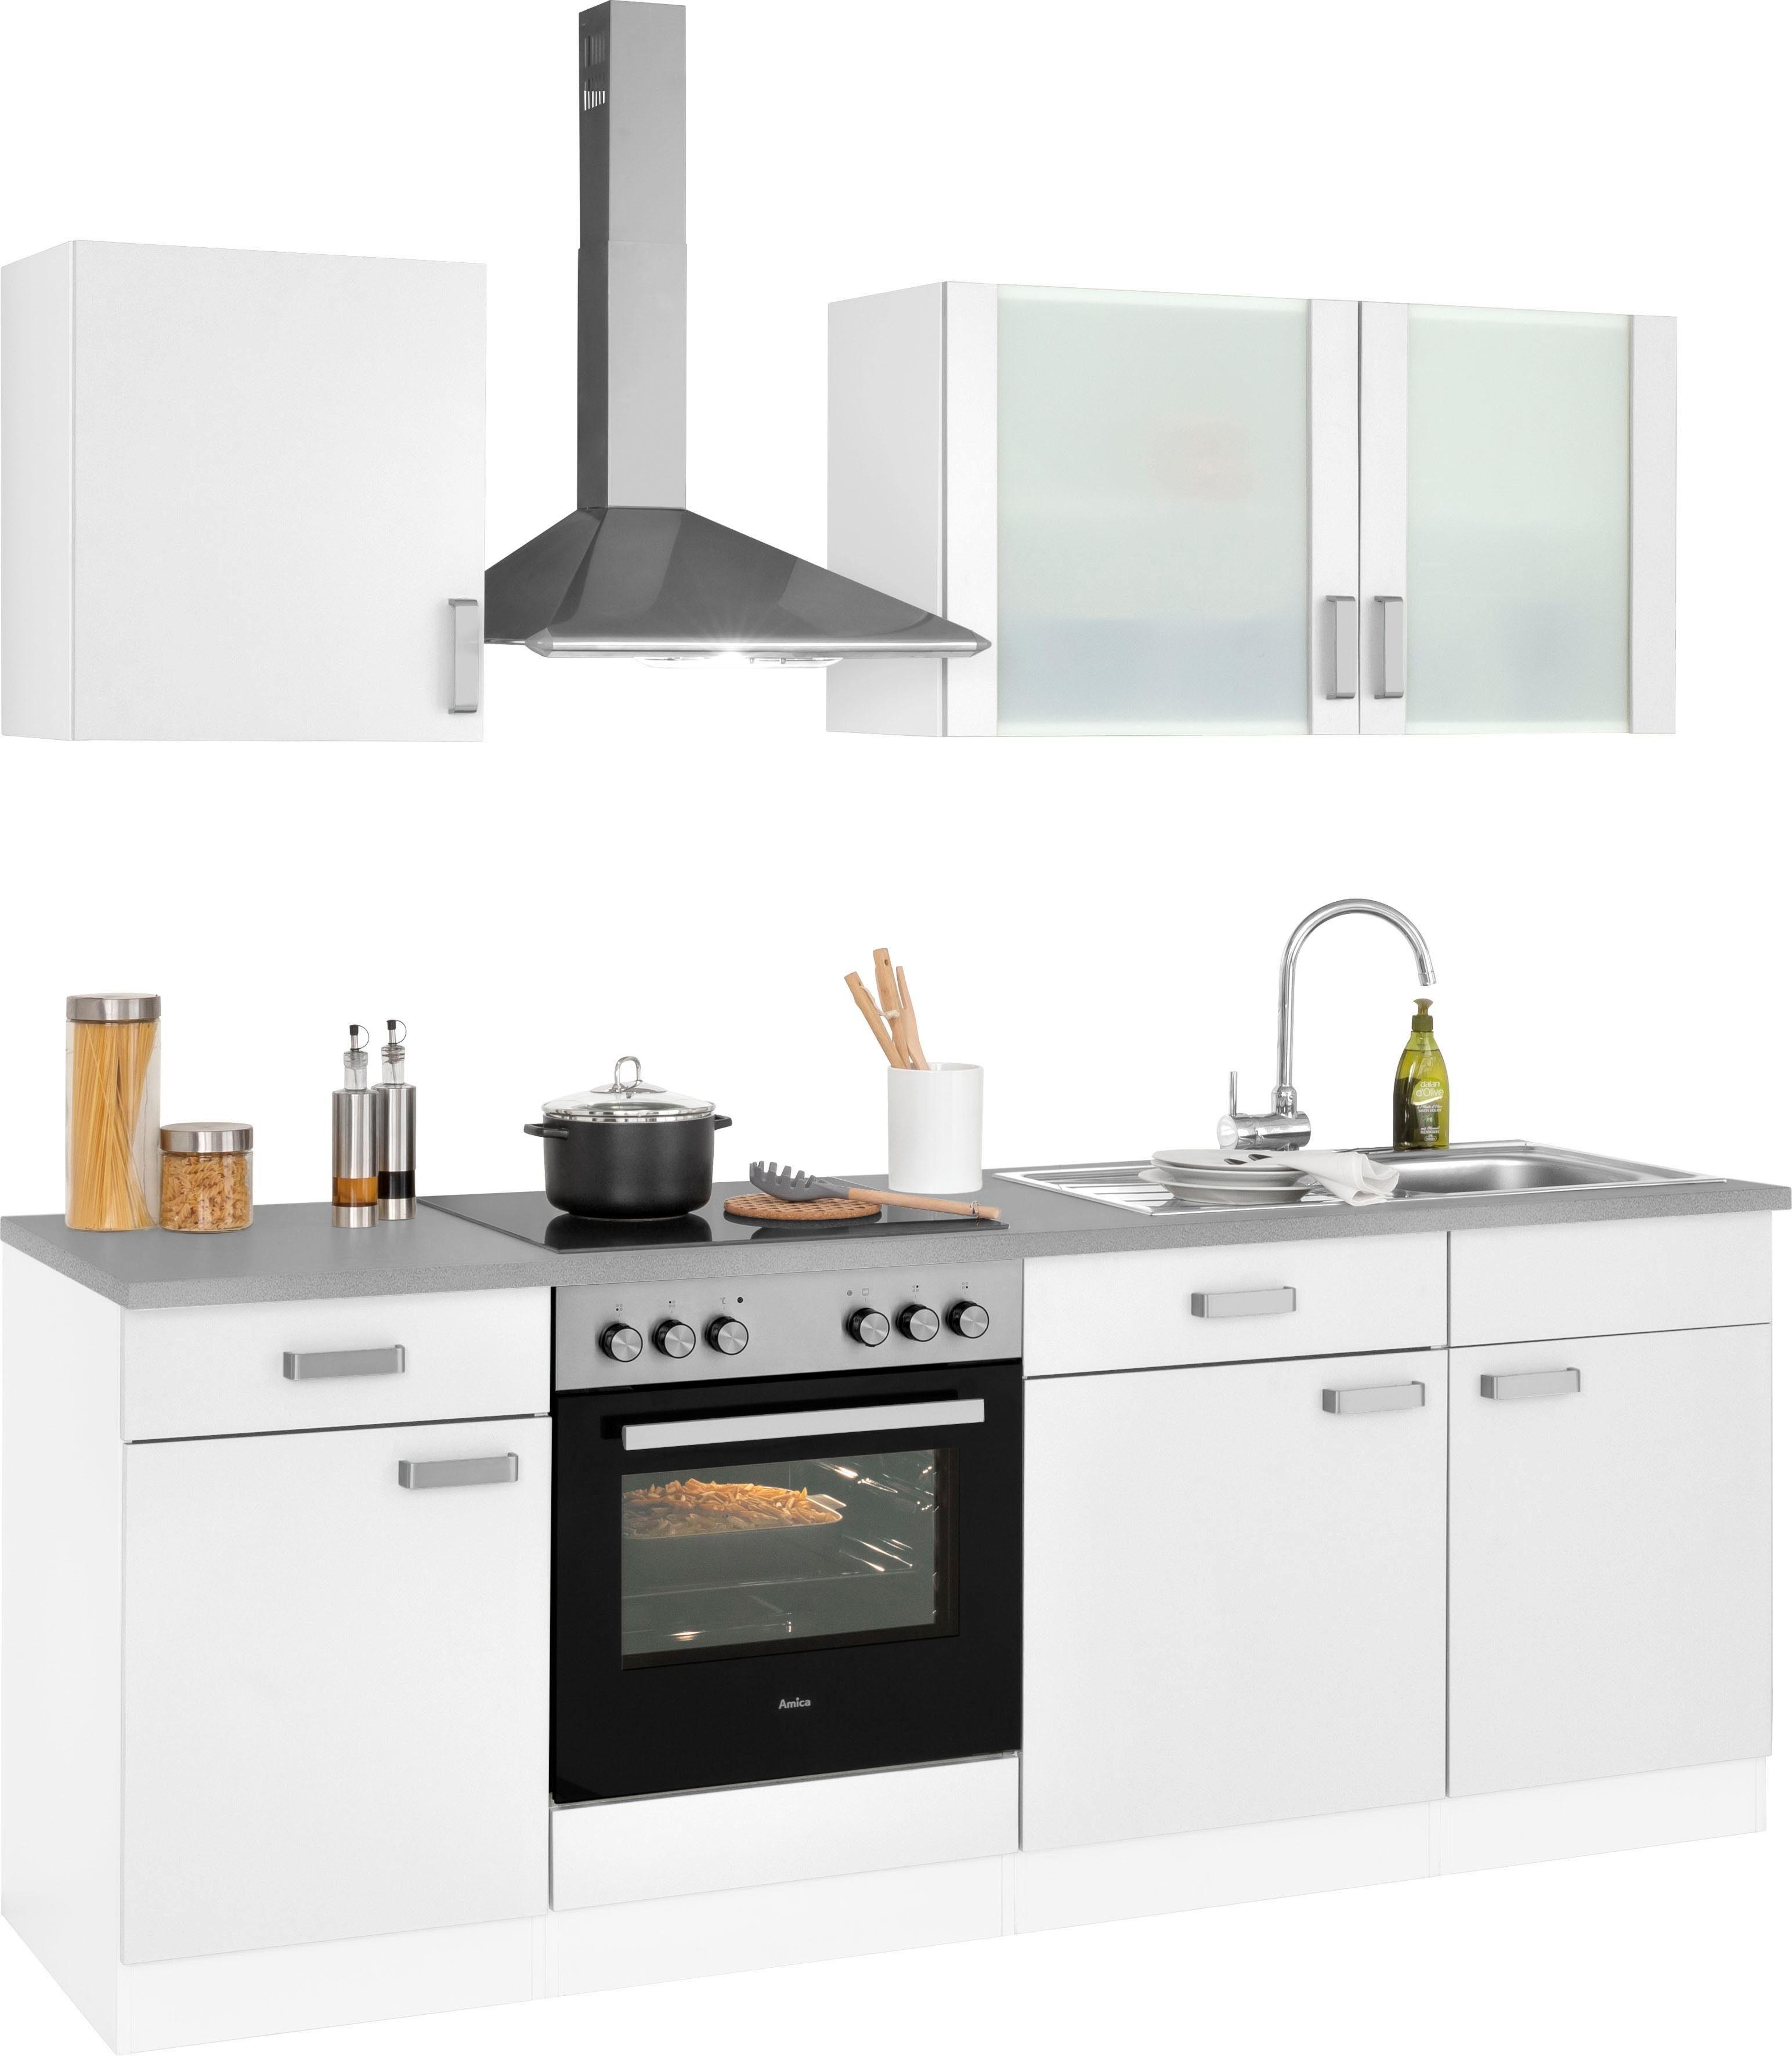 wiho Küchen Küchenzeile »Husum« Wahlweise mit Aufbauservice  BAUR